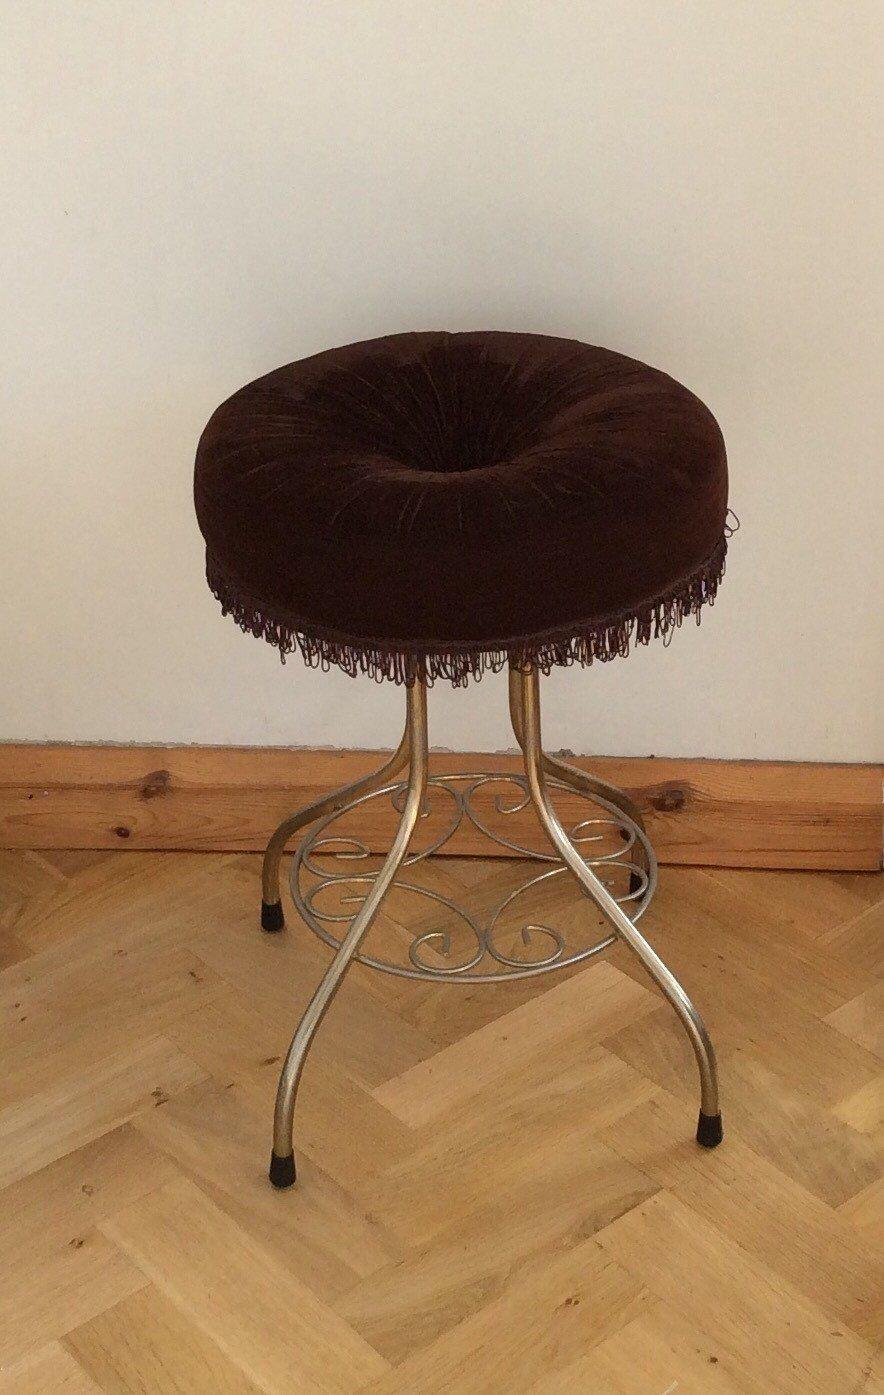 Vintage vanity stool bedroom boudoir dressing table seat chair vintage vanity stool bedroom boudoir dressing table seat chair brown velvet goldtone hollywood regency geotapseo Gallery